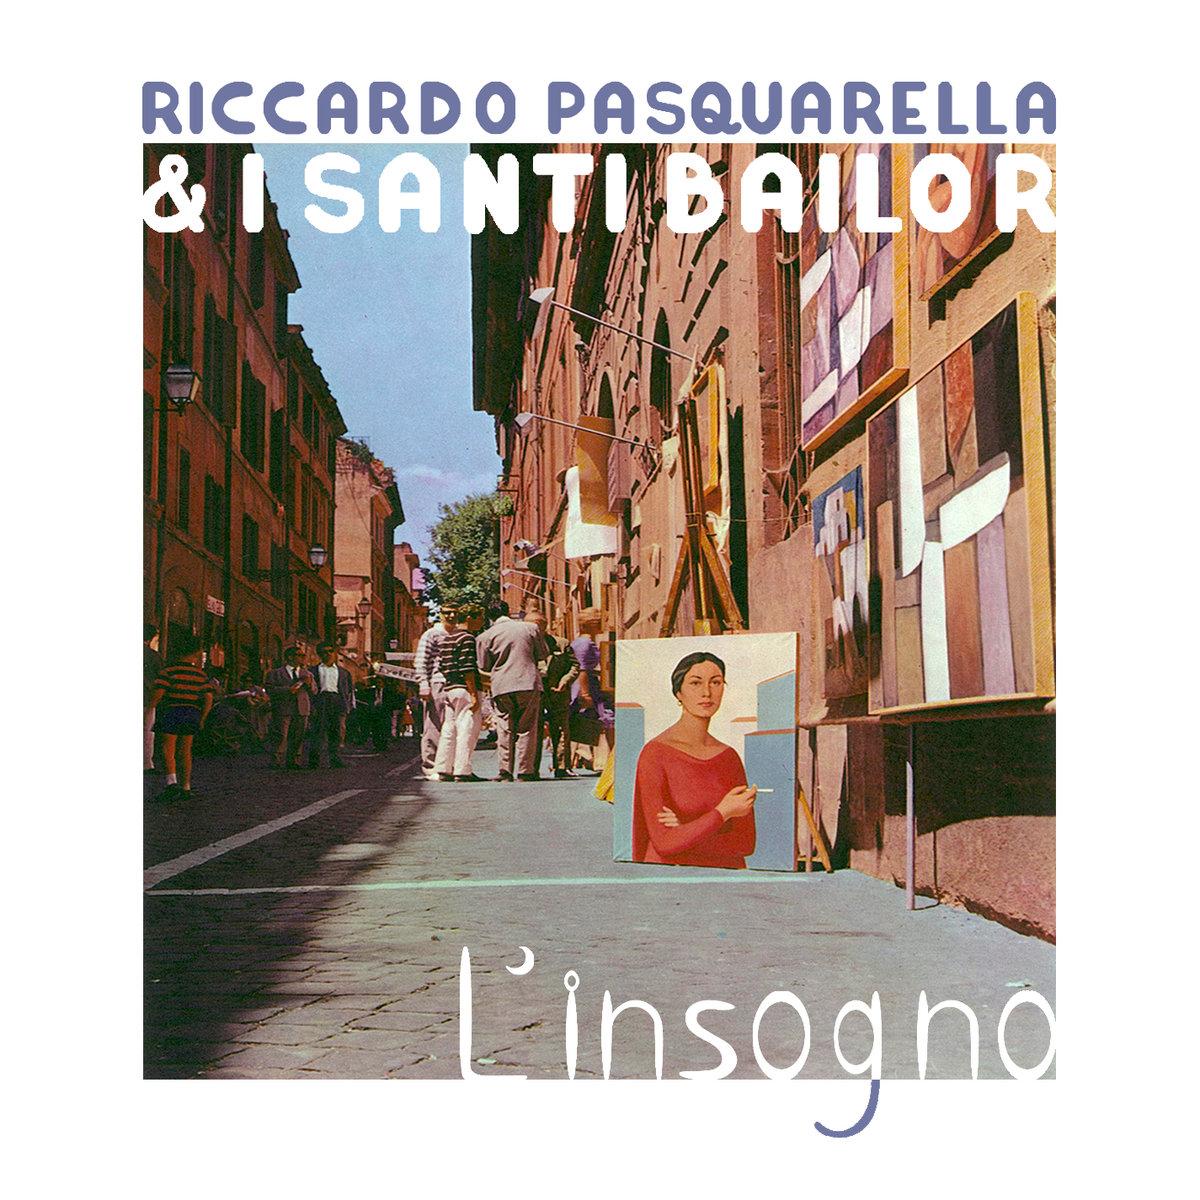 Riccardo Pasquarella & i Santi Bailor - L'Insogno / Disco Raccontato